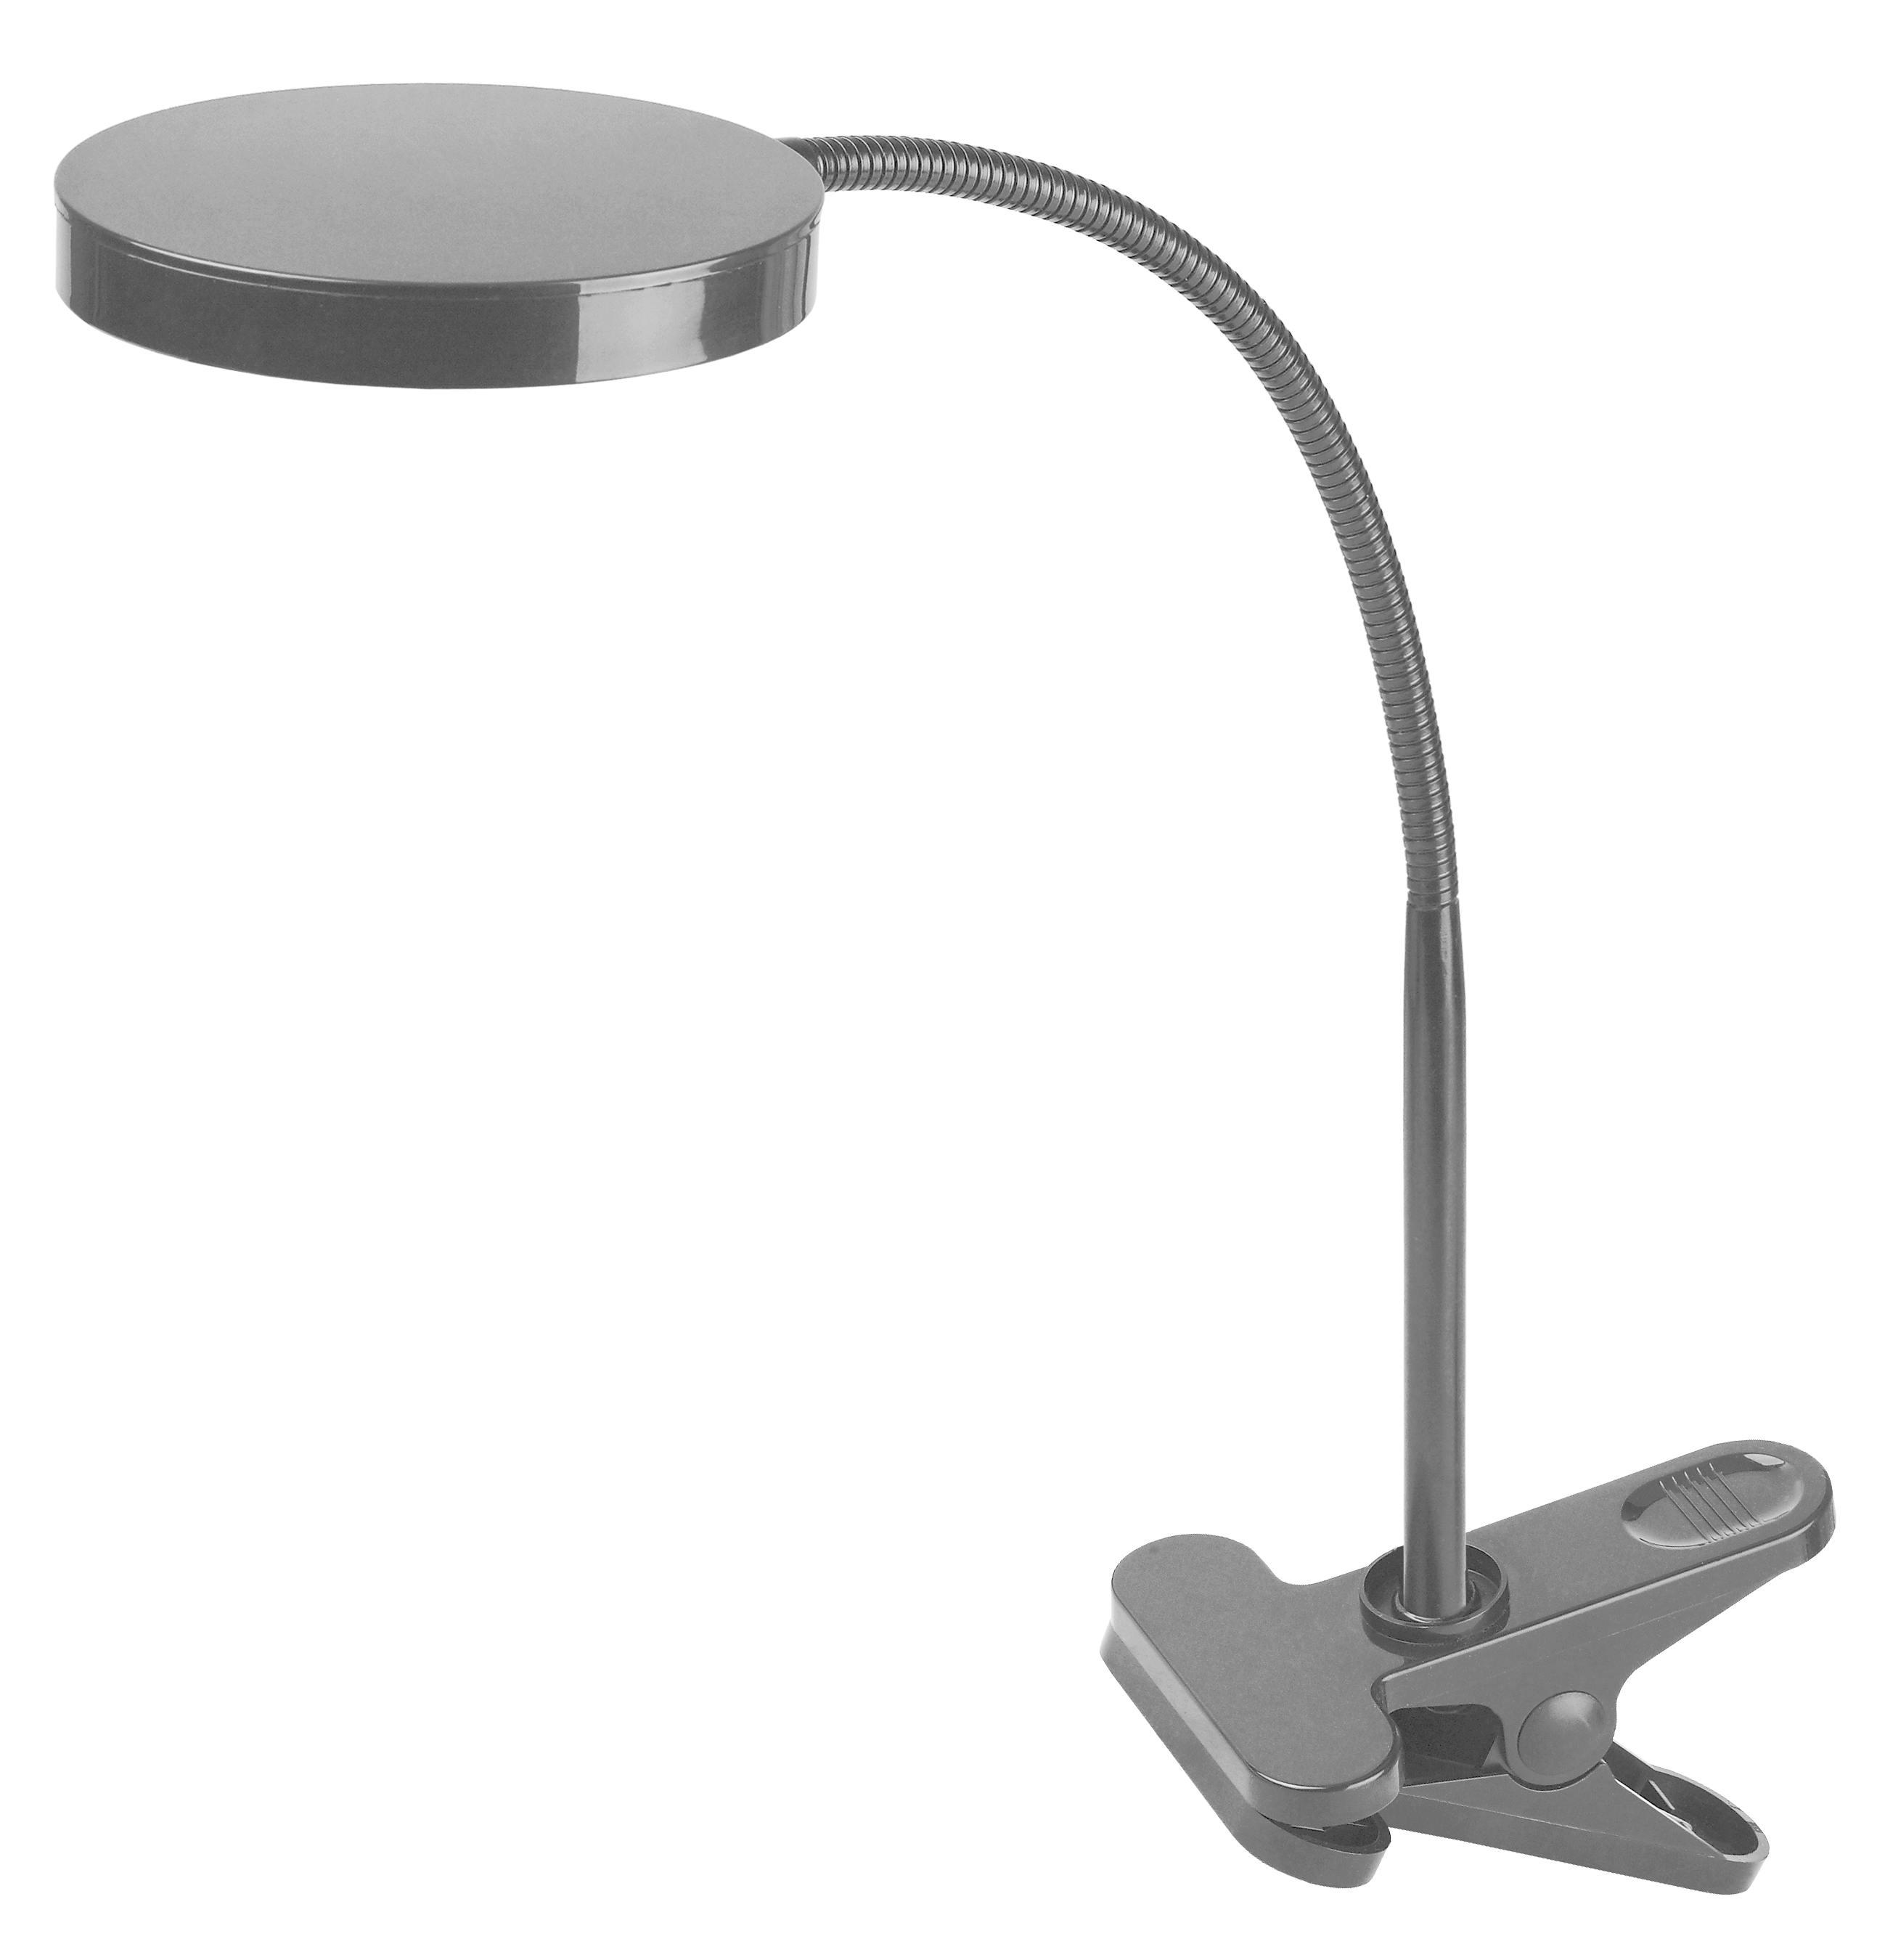 Лампа настольная ЭРА Nled-435-4w-s лампа настольная эра nled 435 4w bk